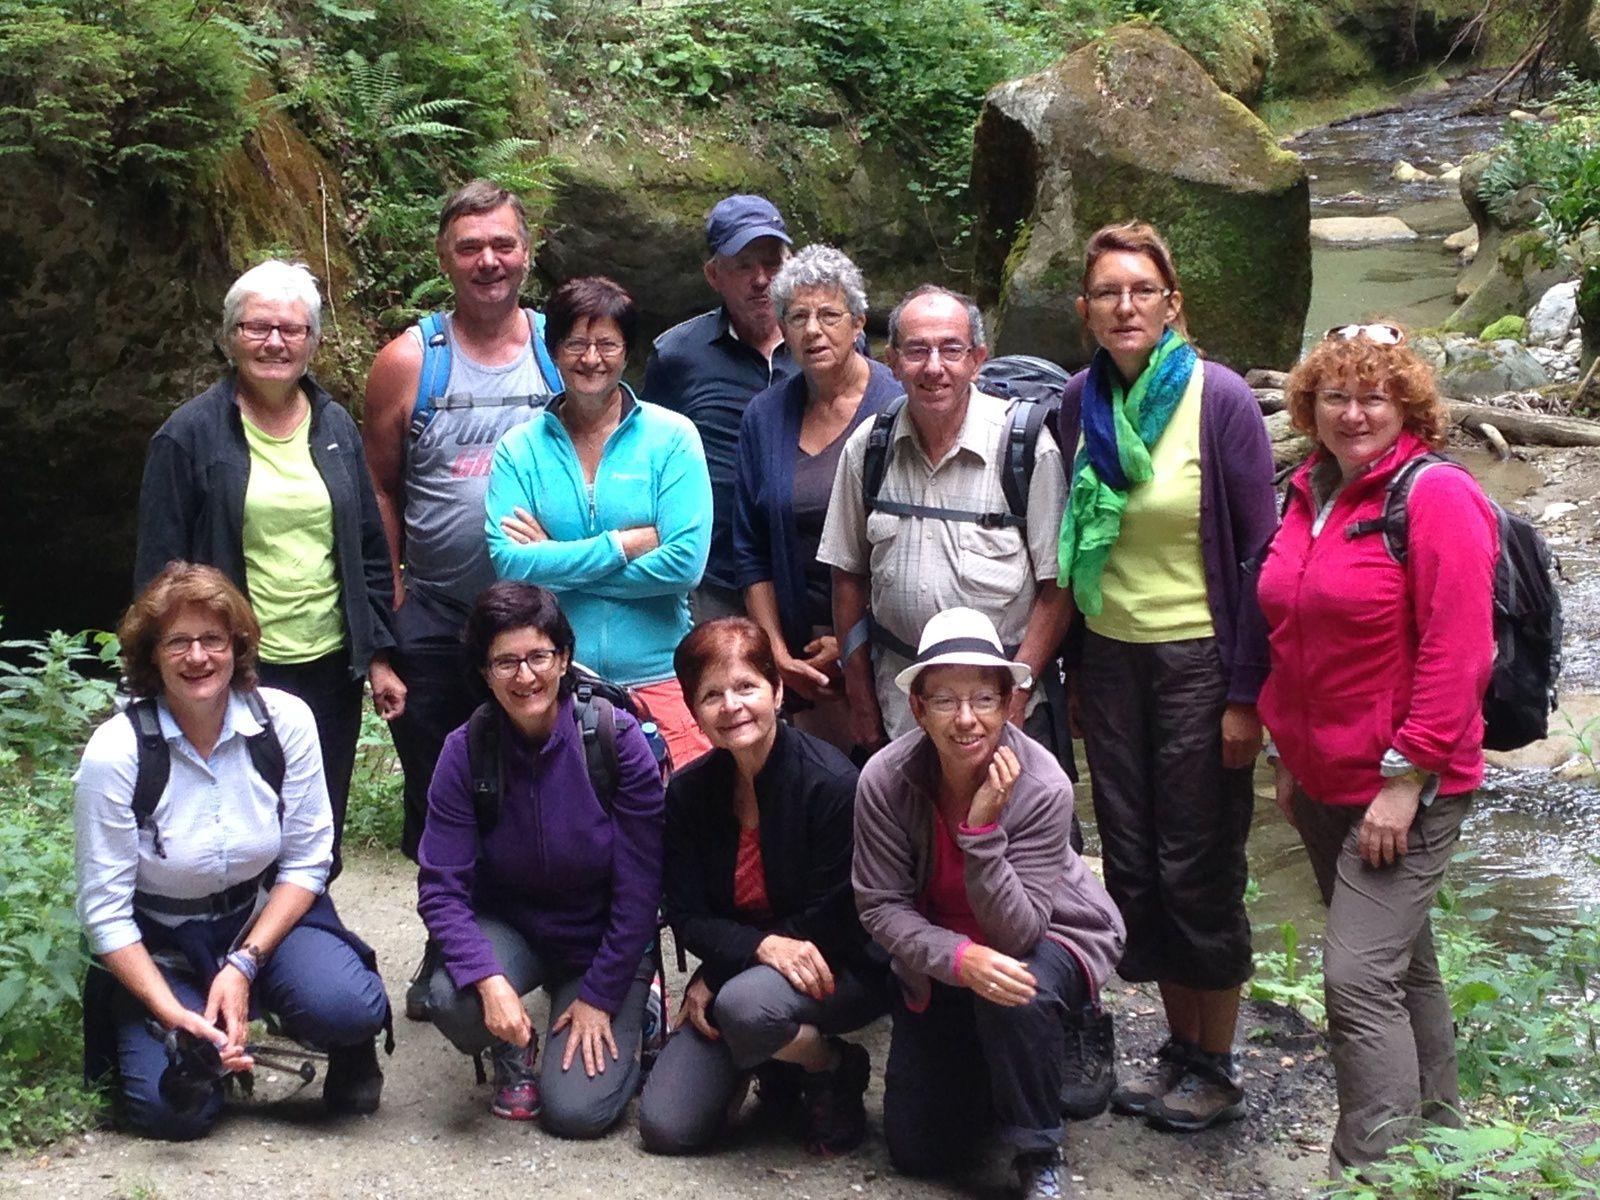 Mardi 28 juillet: Vallée du Gottéron